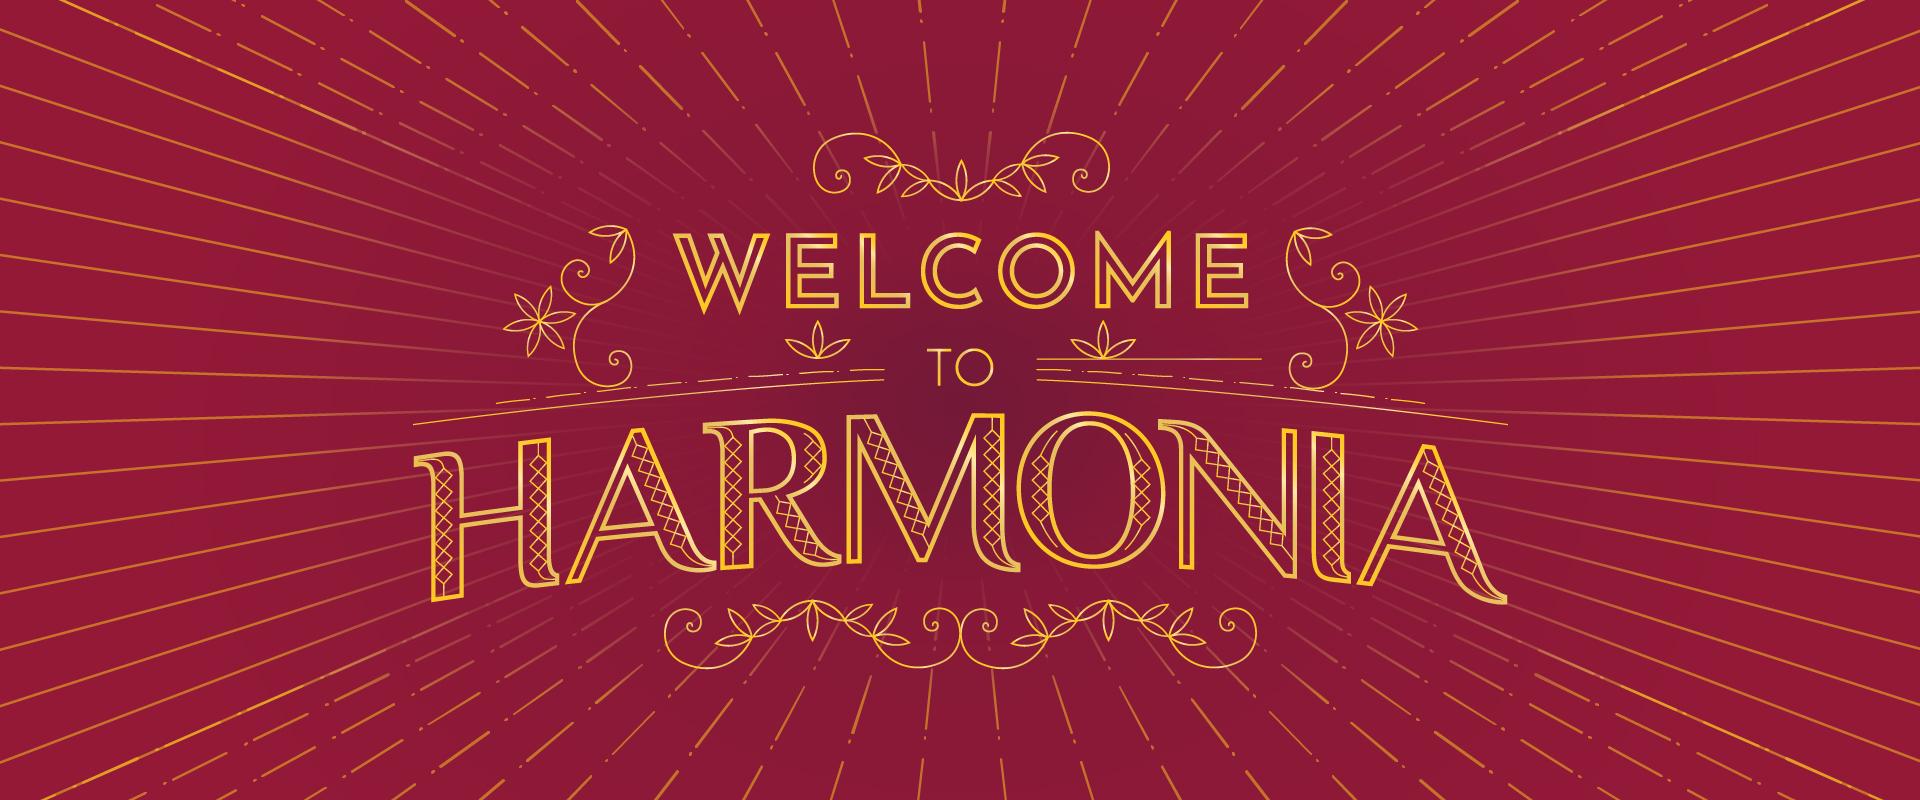 Welcome to Harmonia